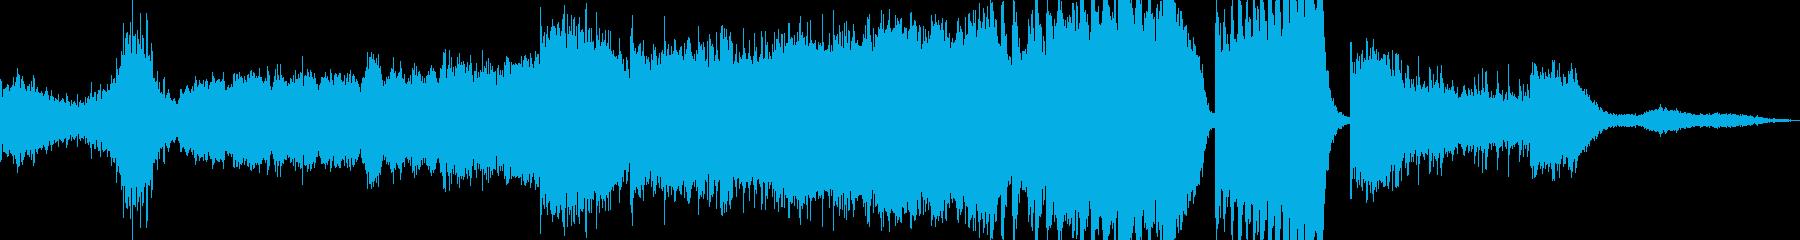 パワフルで劇的に激しい、この壮大な...の再生済みの波形